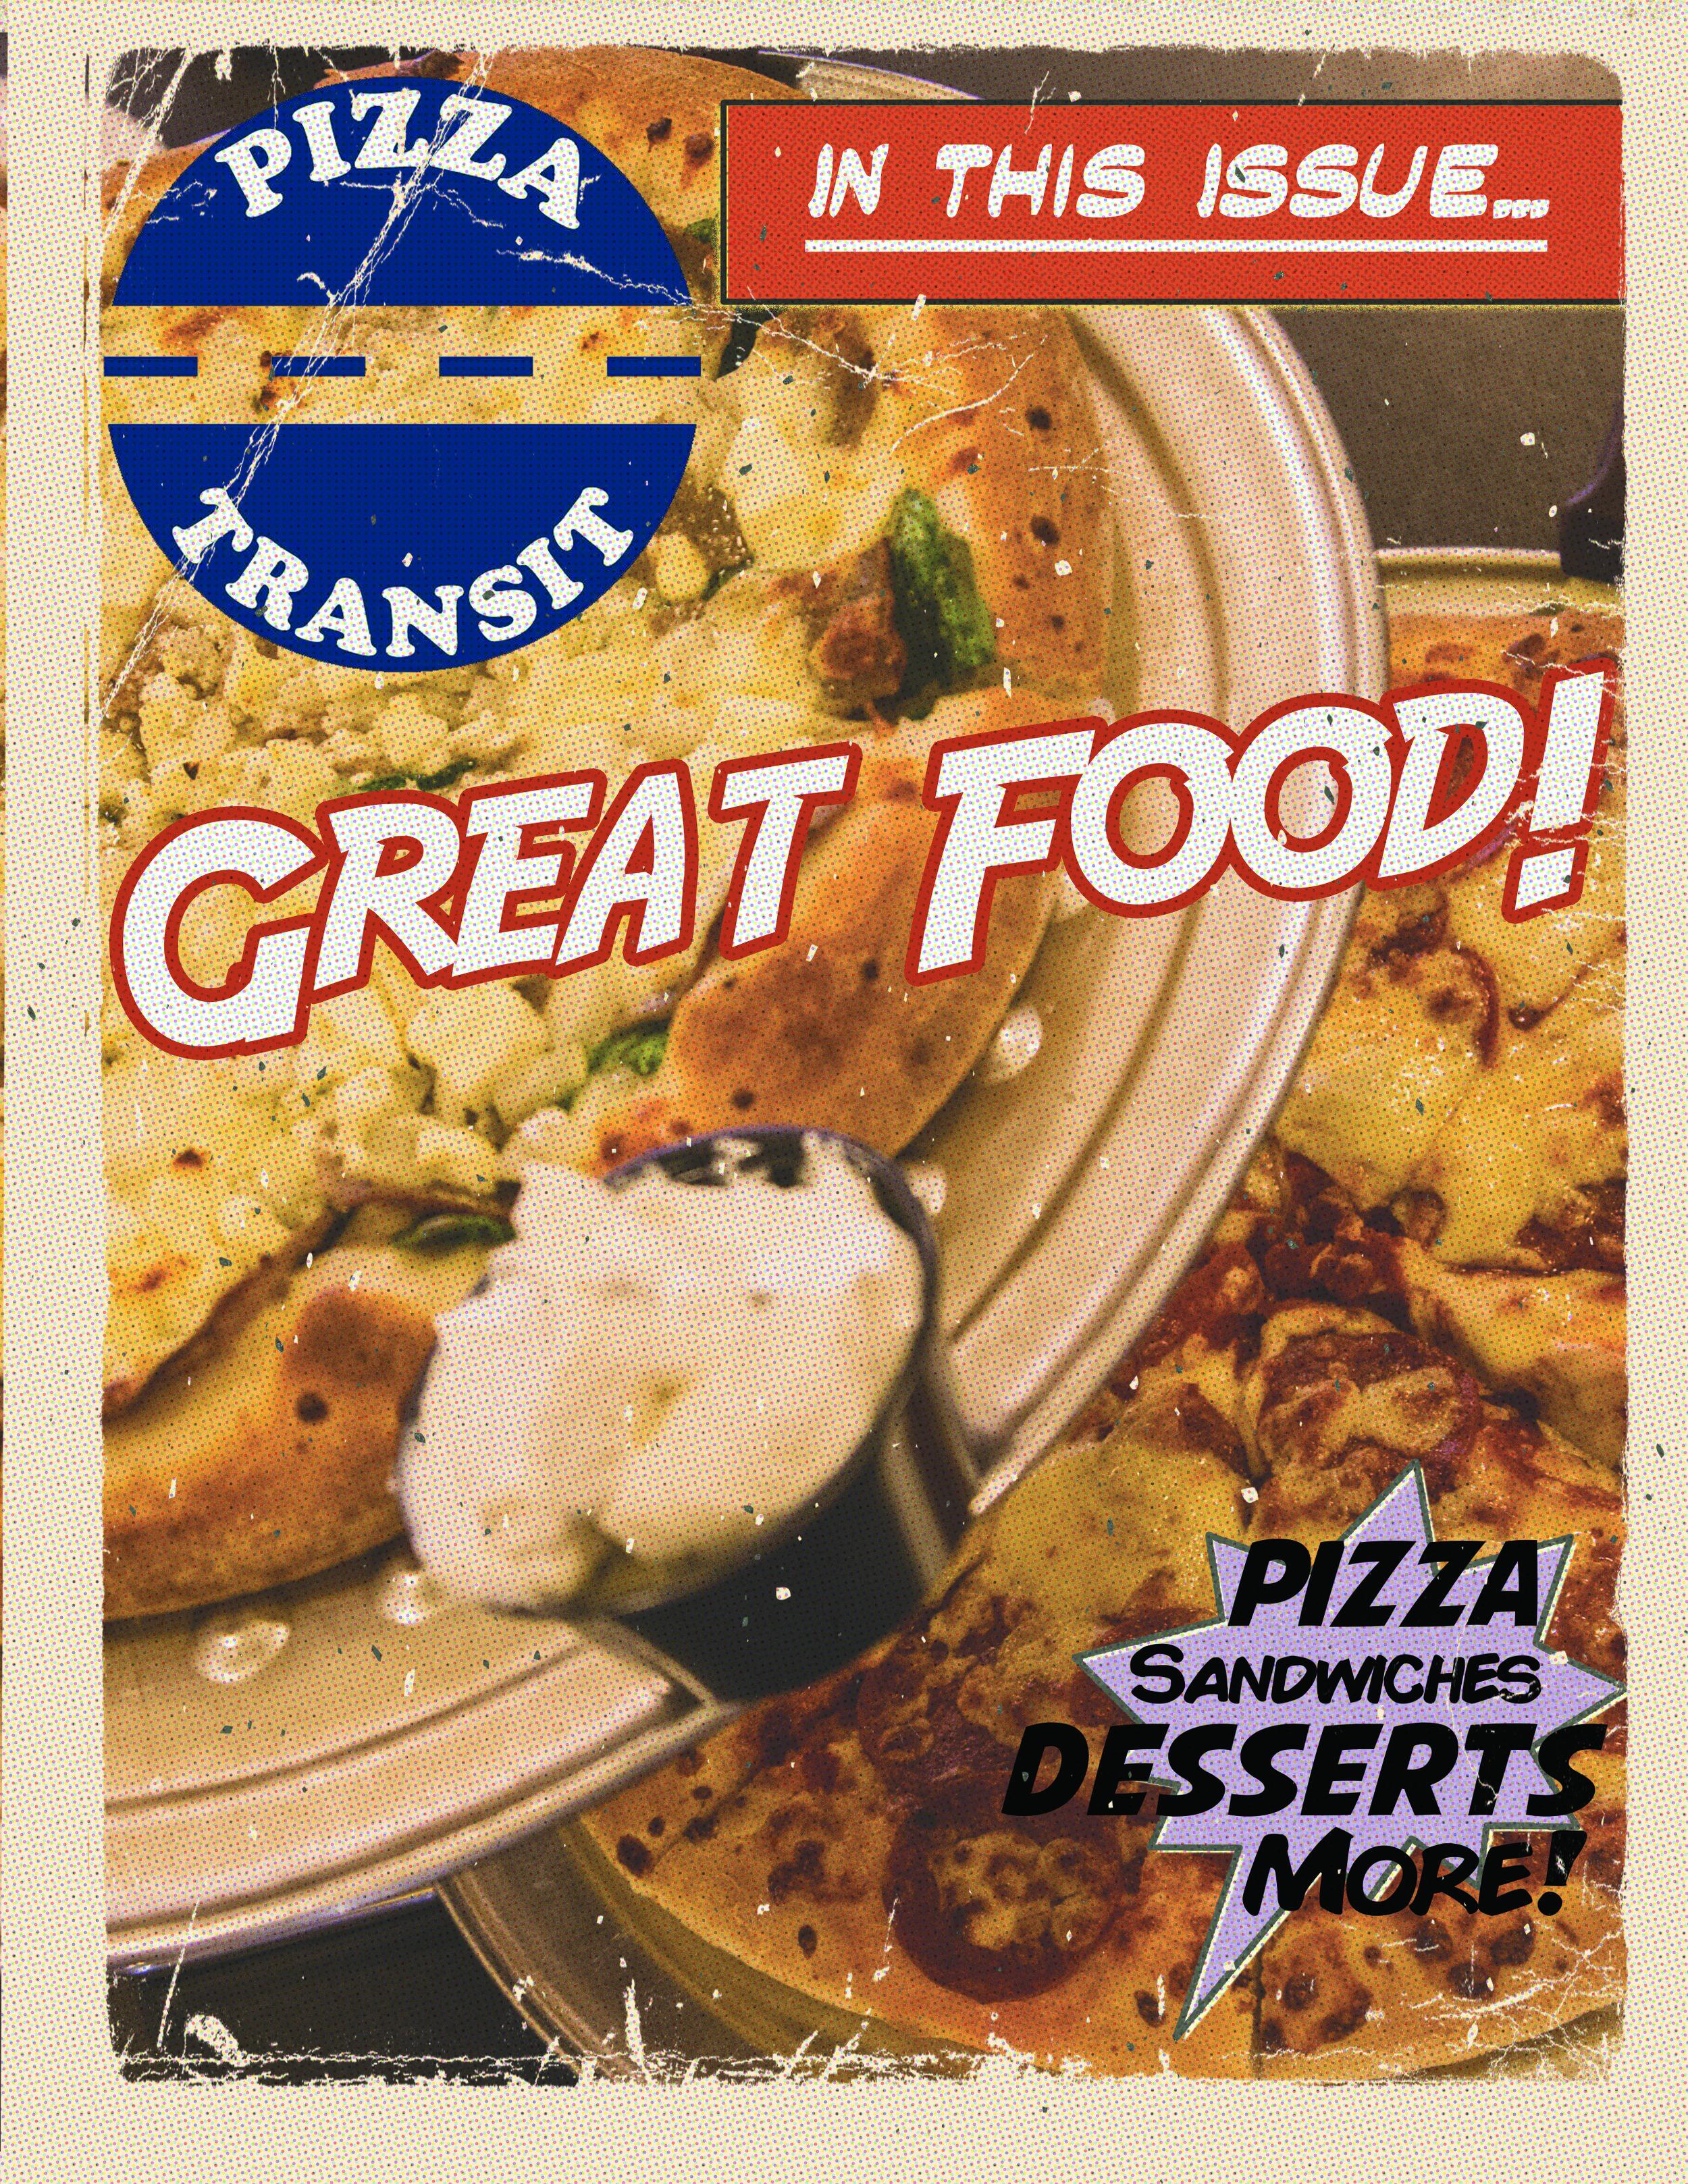 pizza transit cover comic bookv update.jpg